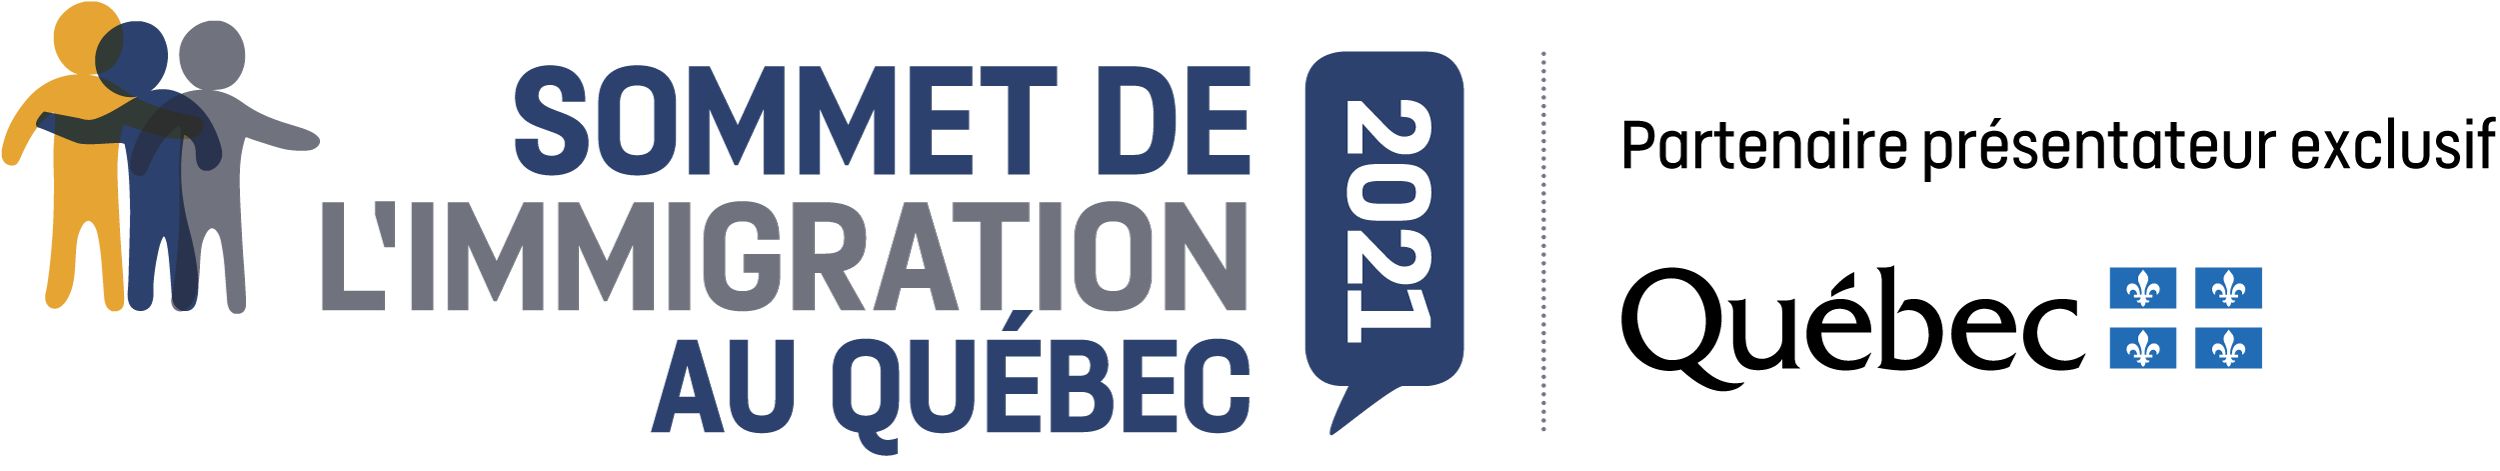 Logo-Sommet-2021-PartenPresent-WEB